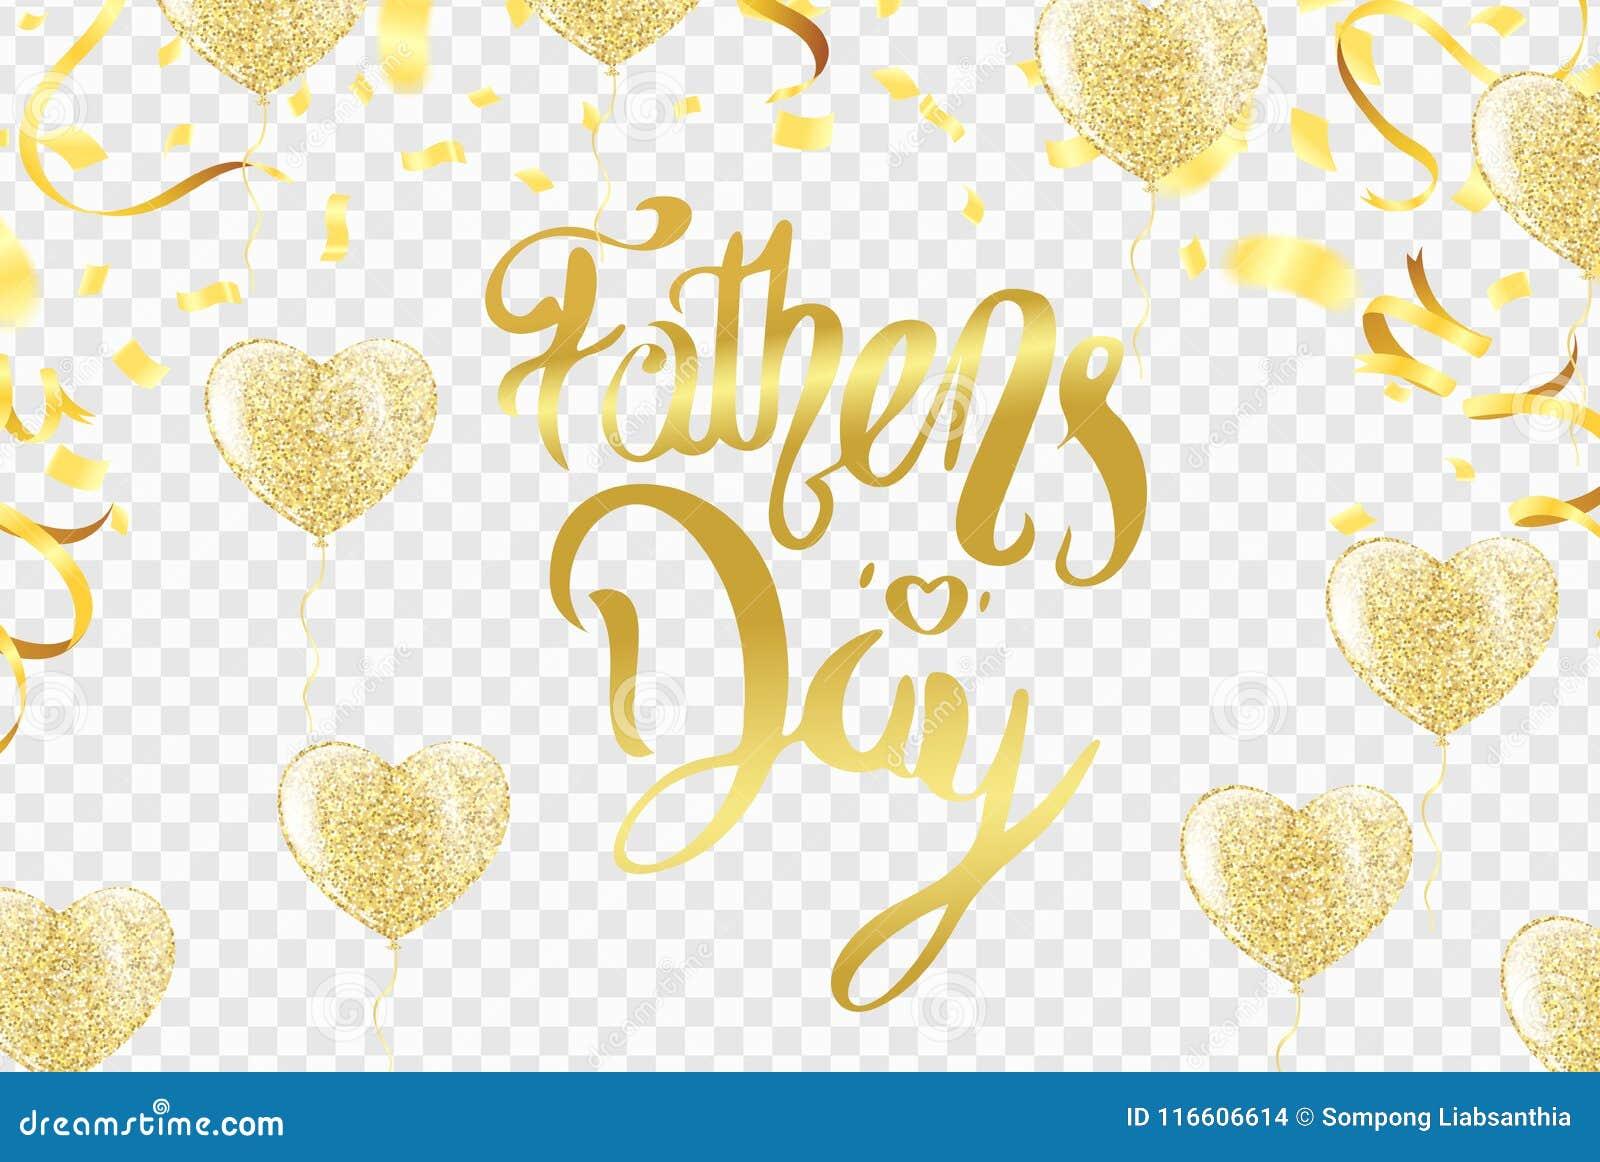 Cartão ou fundo do dia de pais Ilustração do vetor